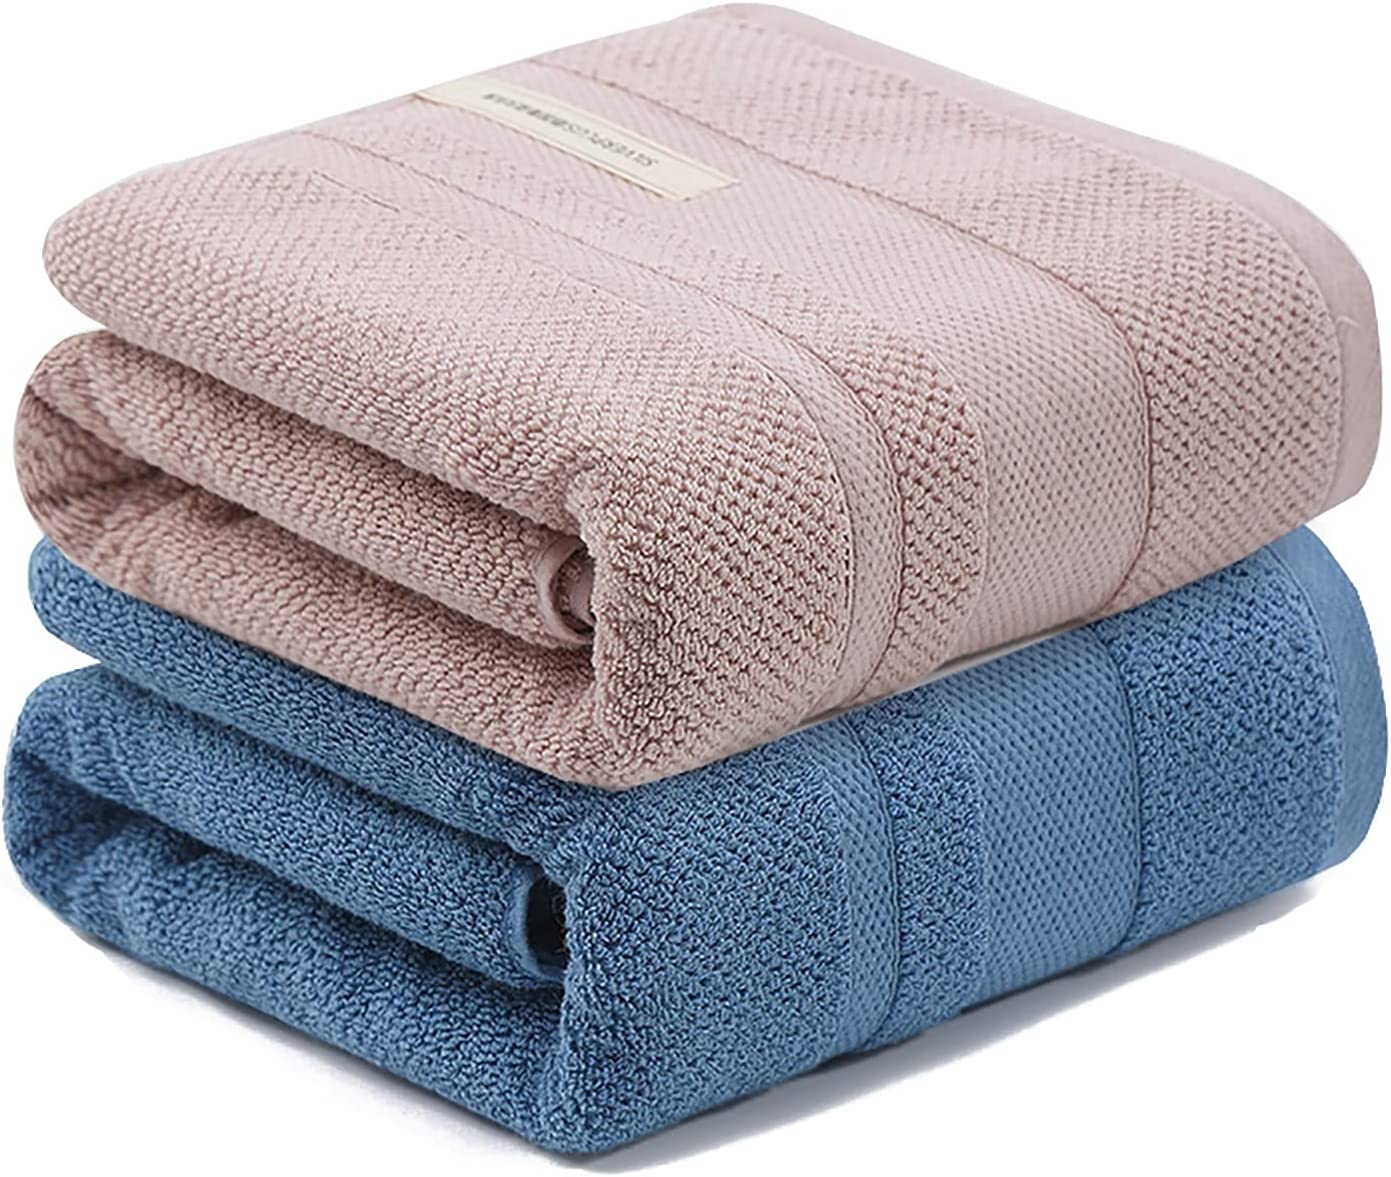 Forever S Towels Two-Piece Suit Bath Brand Cheap Sale Venue Max 41% OFF Large 140×70cm